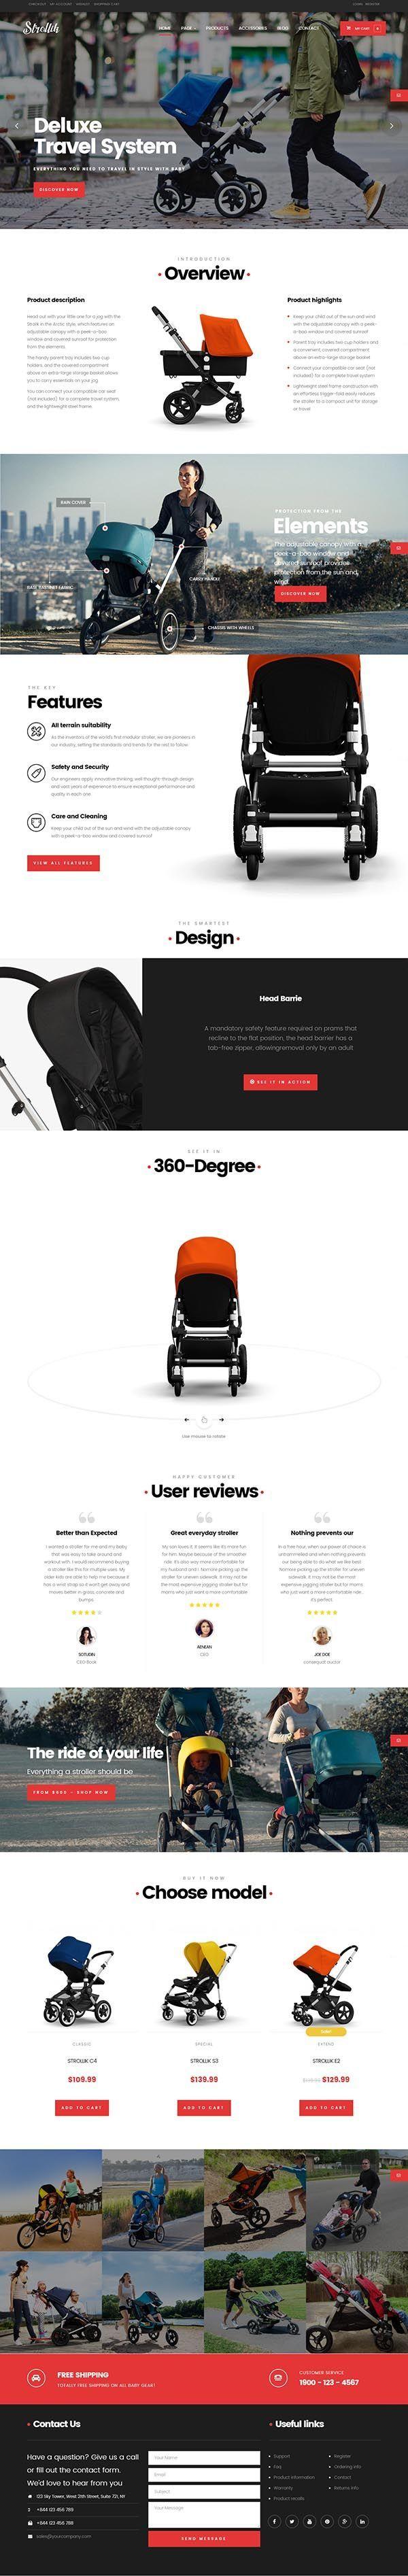 329 best Web design images on Pinterest